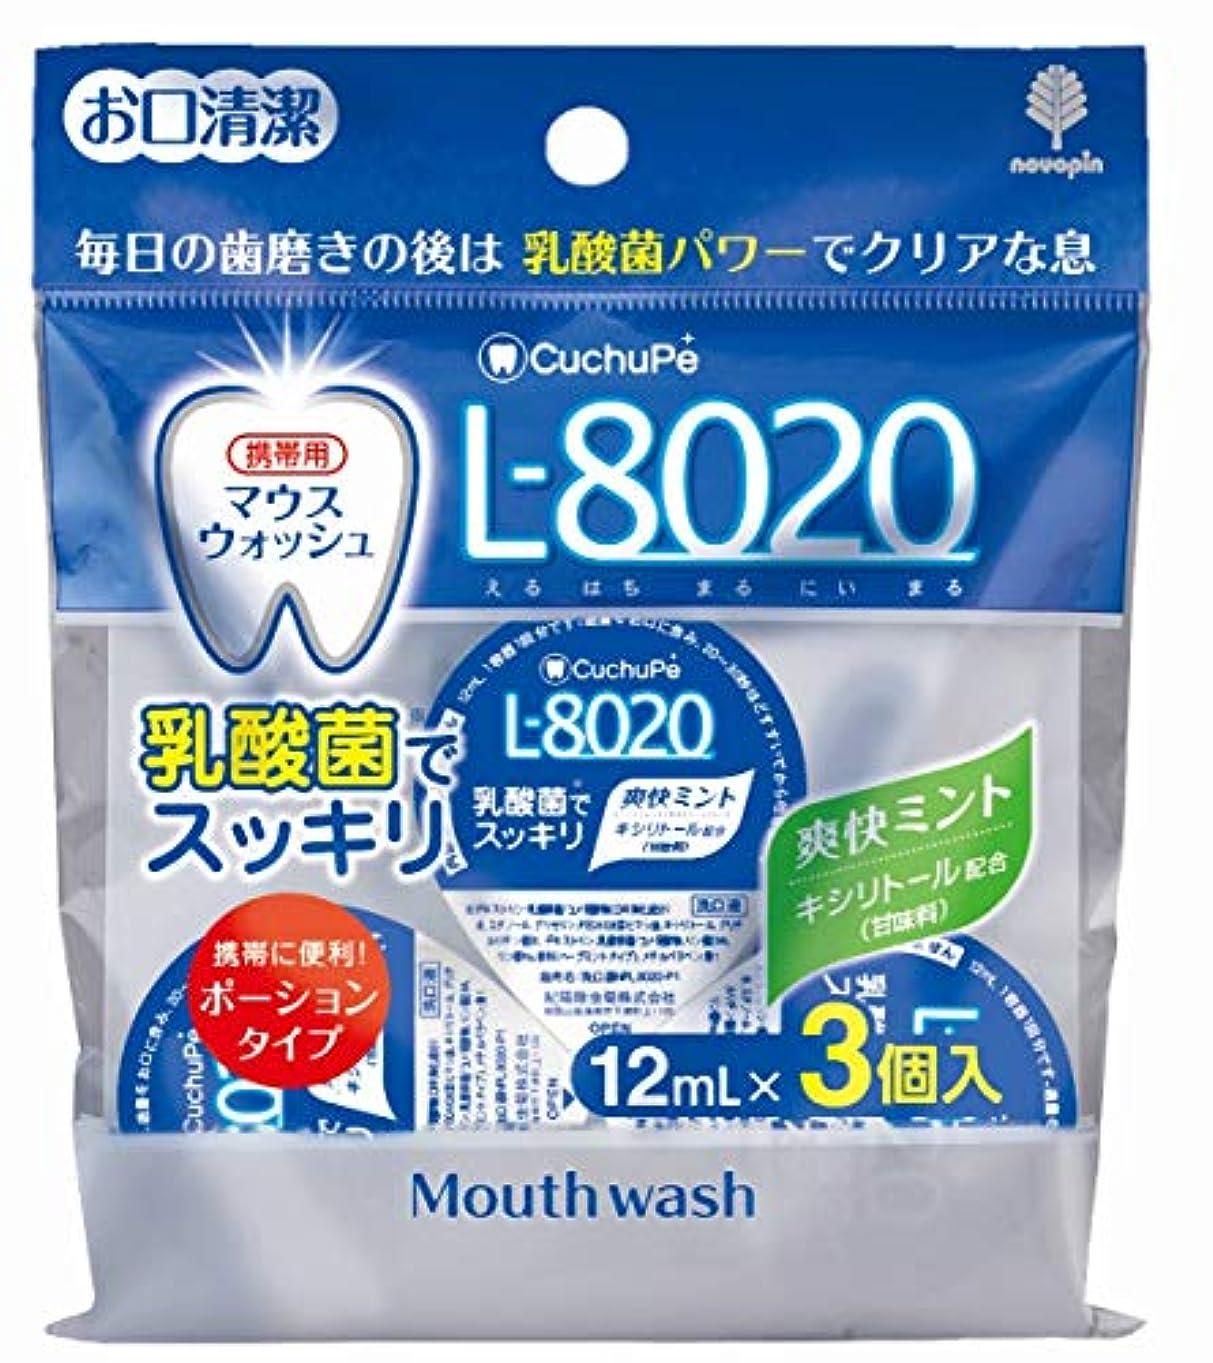 ローストホイッスル東方日本製 made in japan クチュッペL-8020 爽快ミント ポーションタイプ3個入(アルコール) K-7093【まとめ買い10個セット】